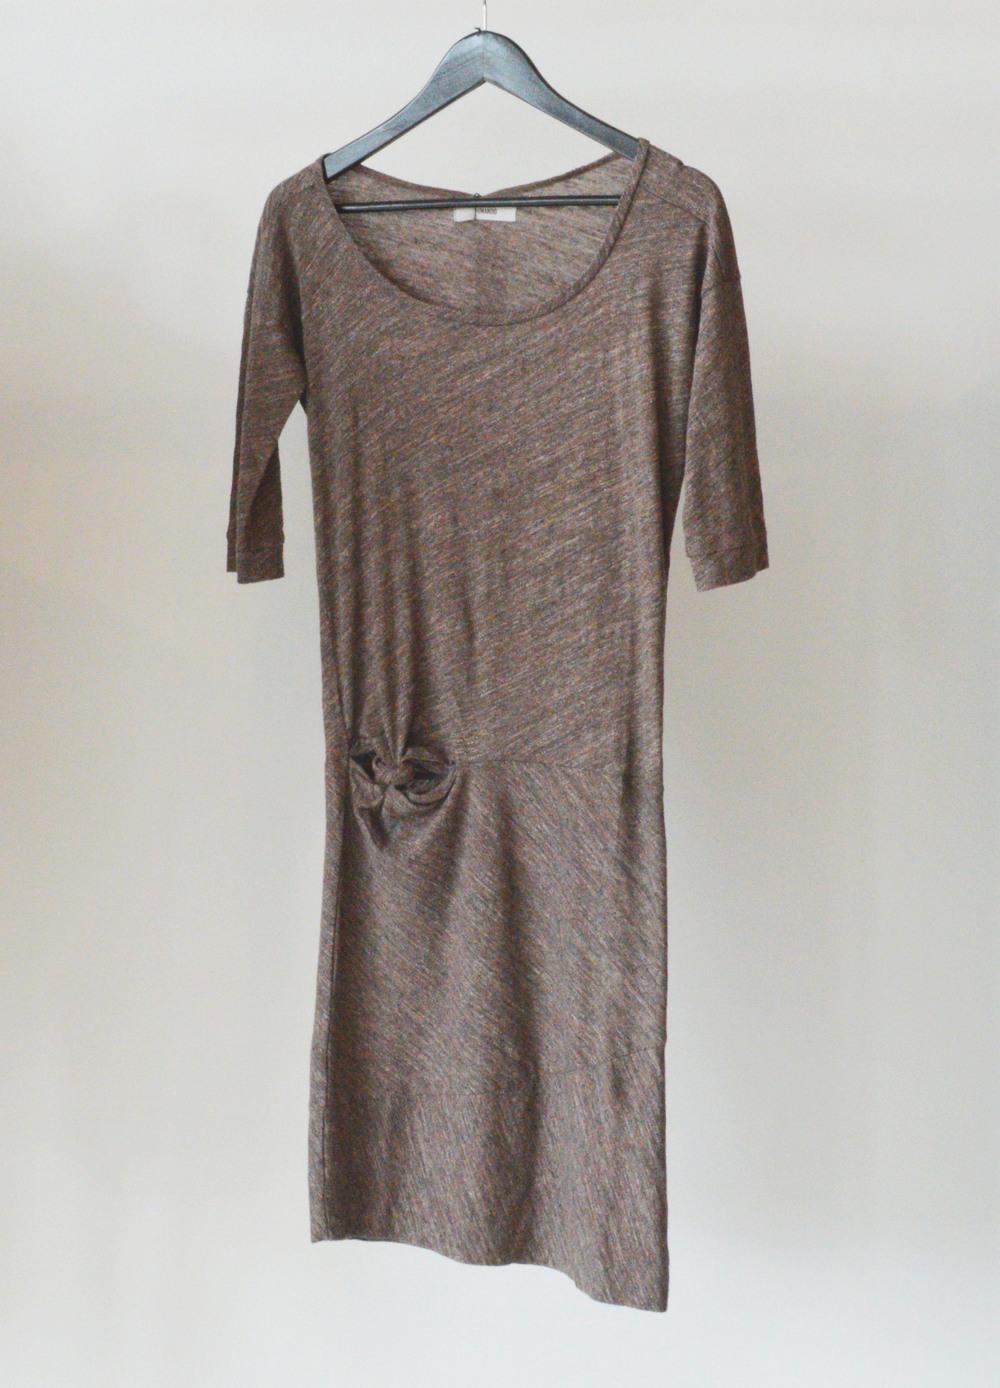 Dress - $205